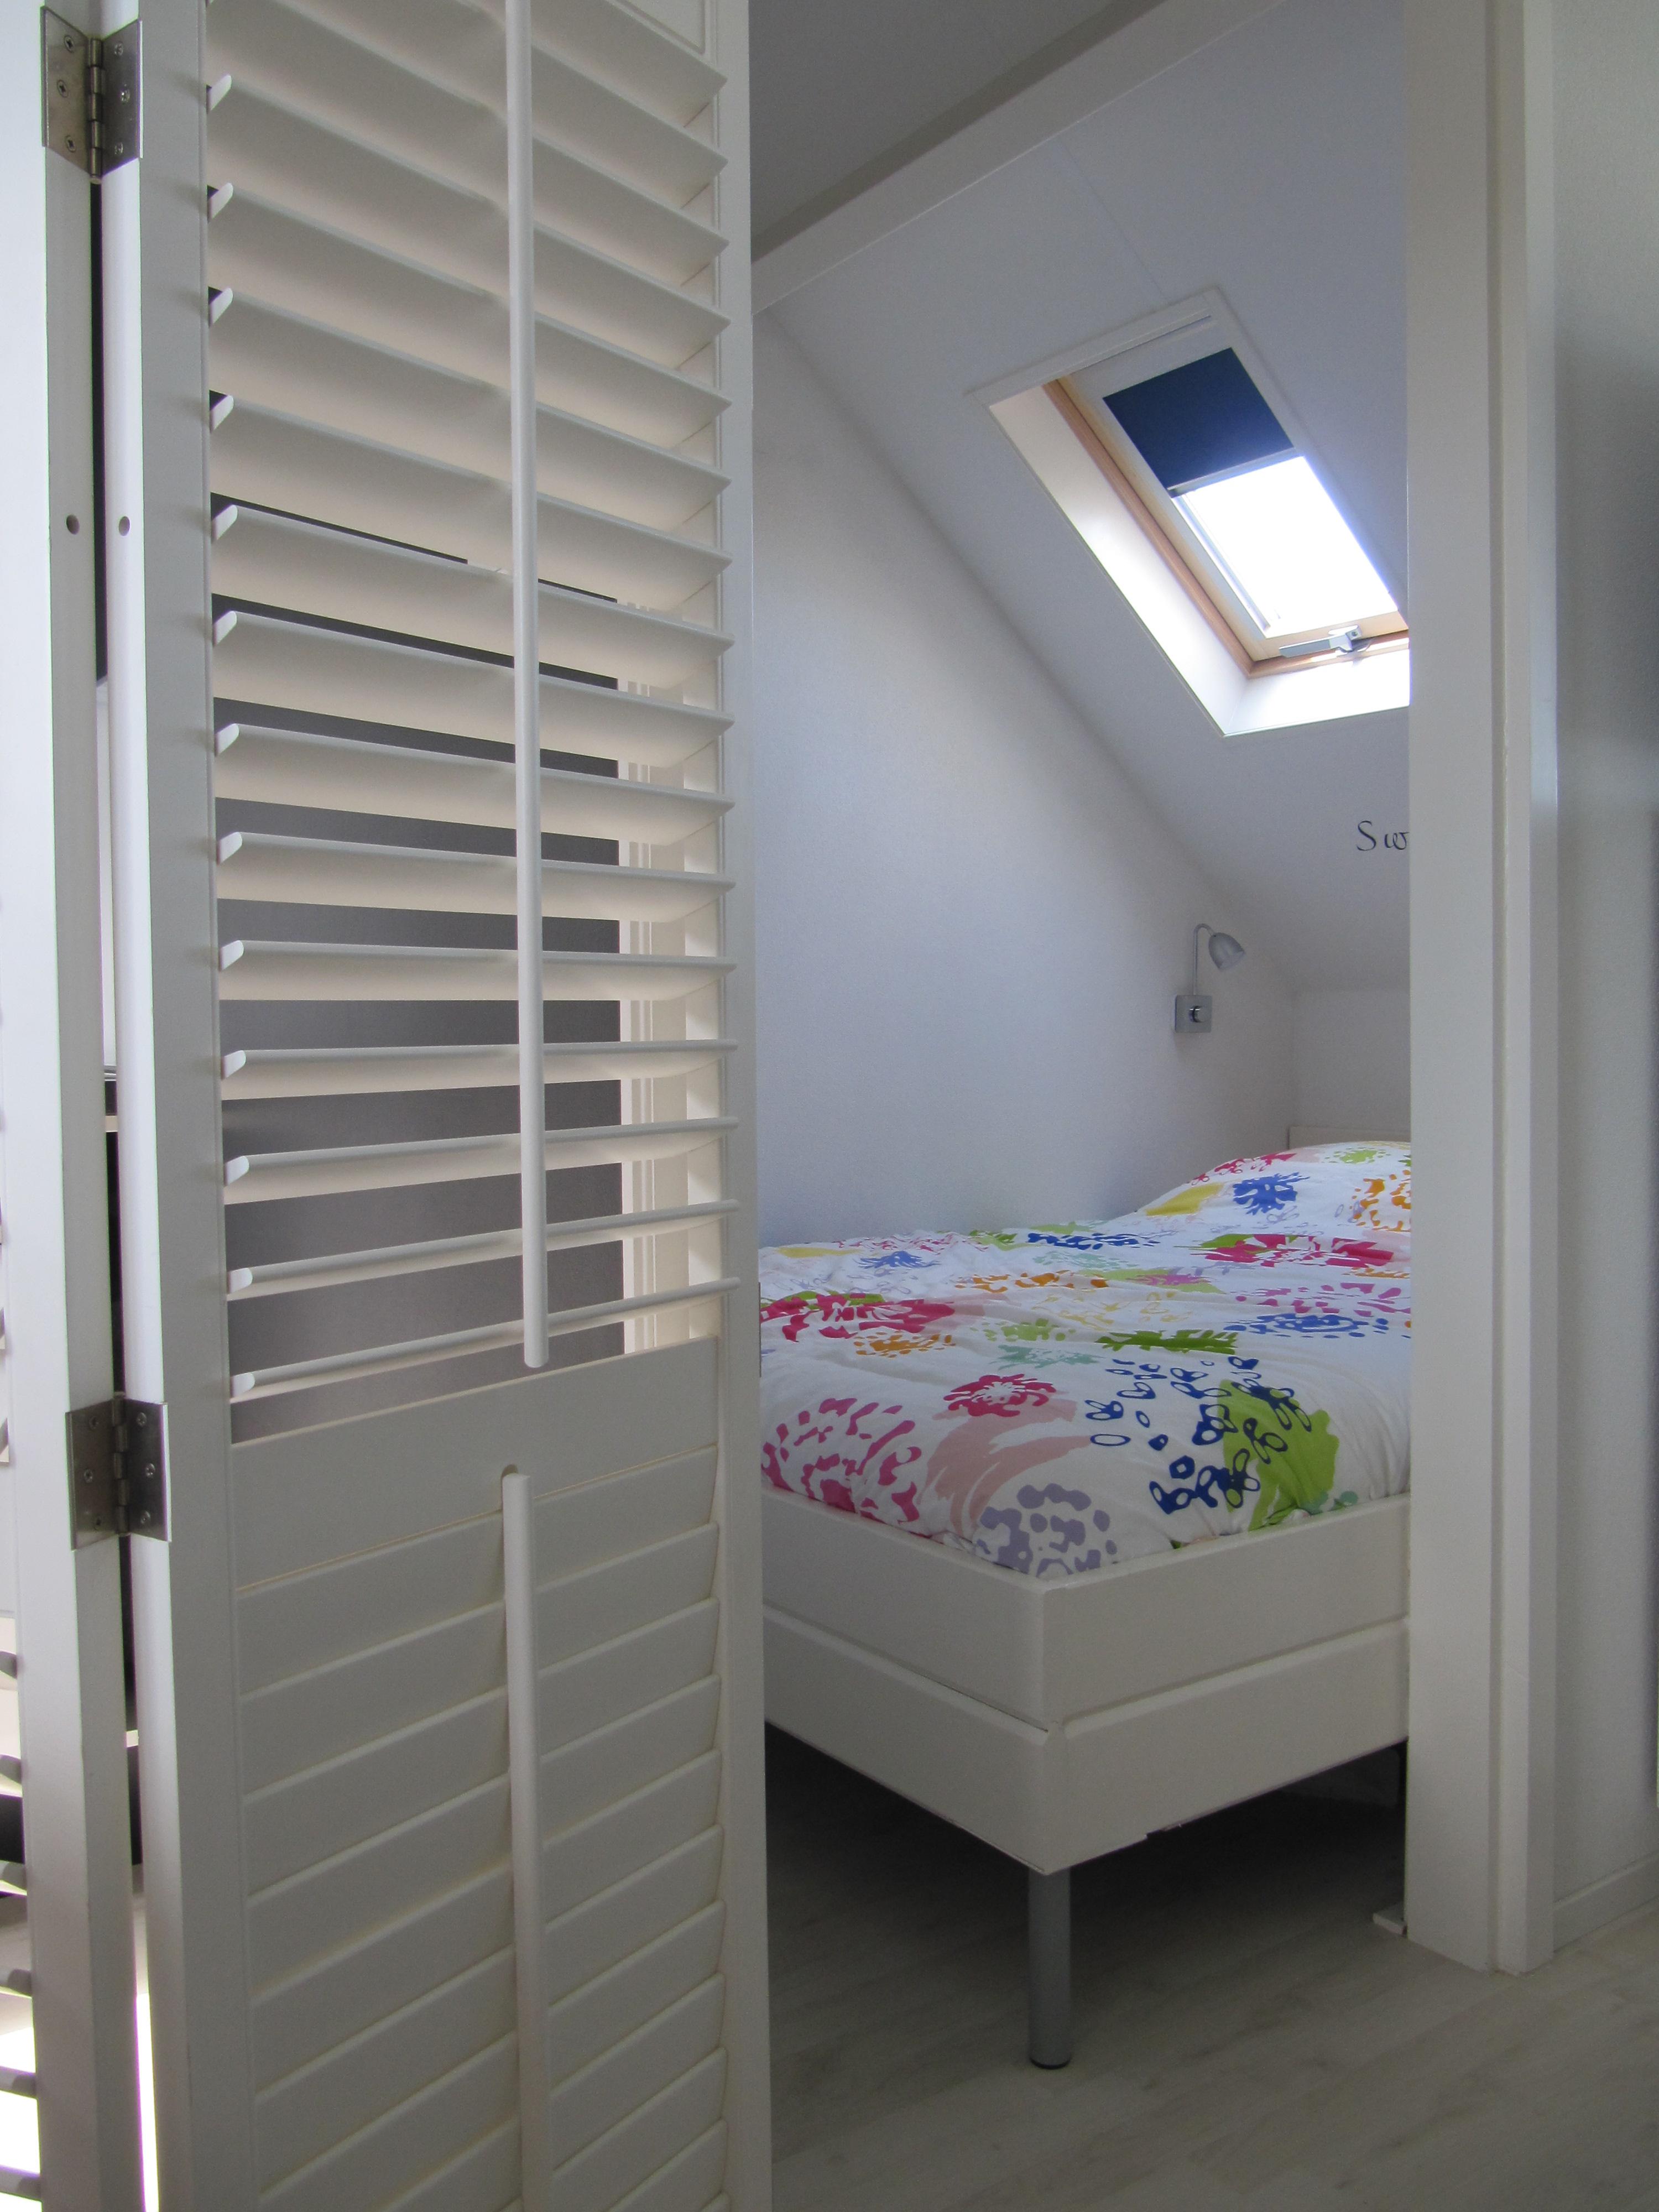 Studio slaapkamer